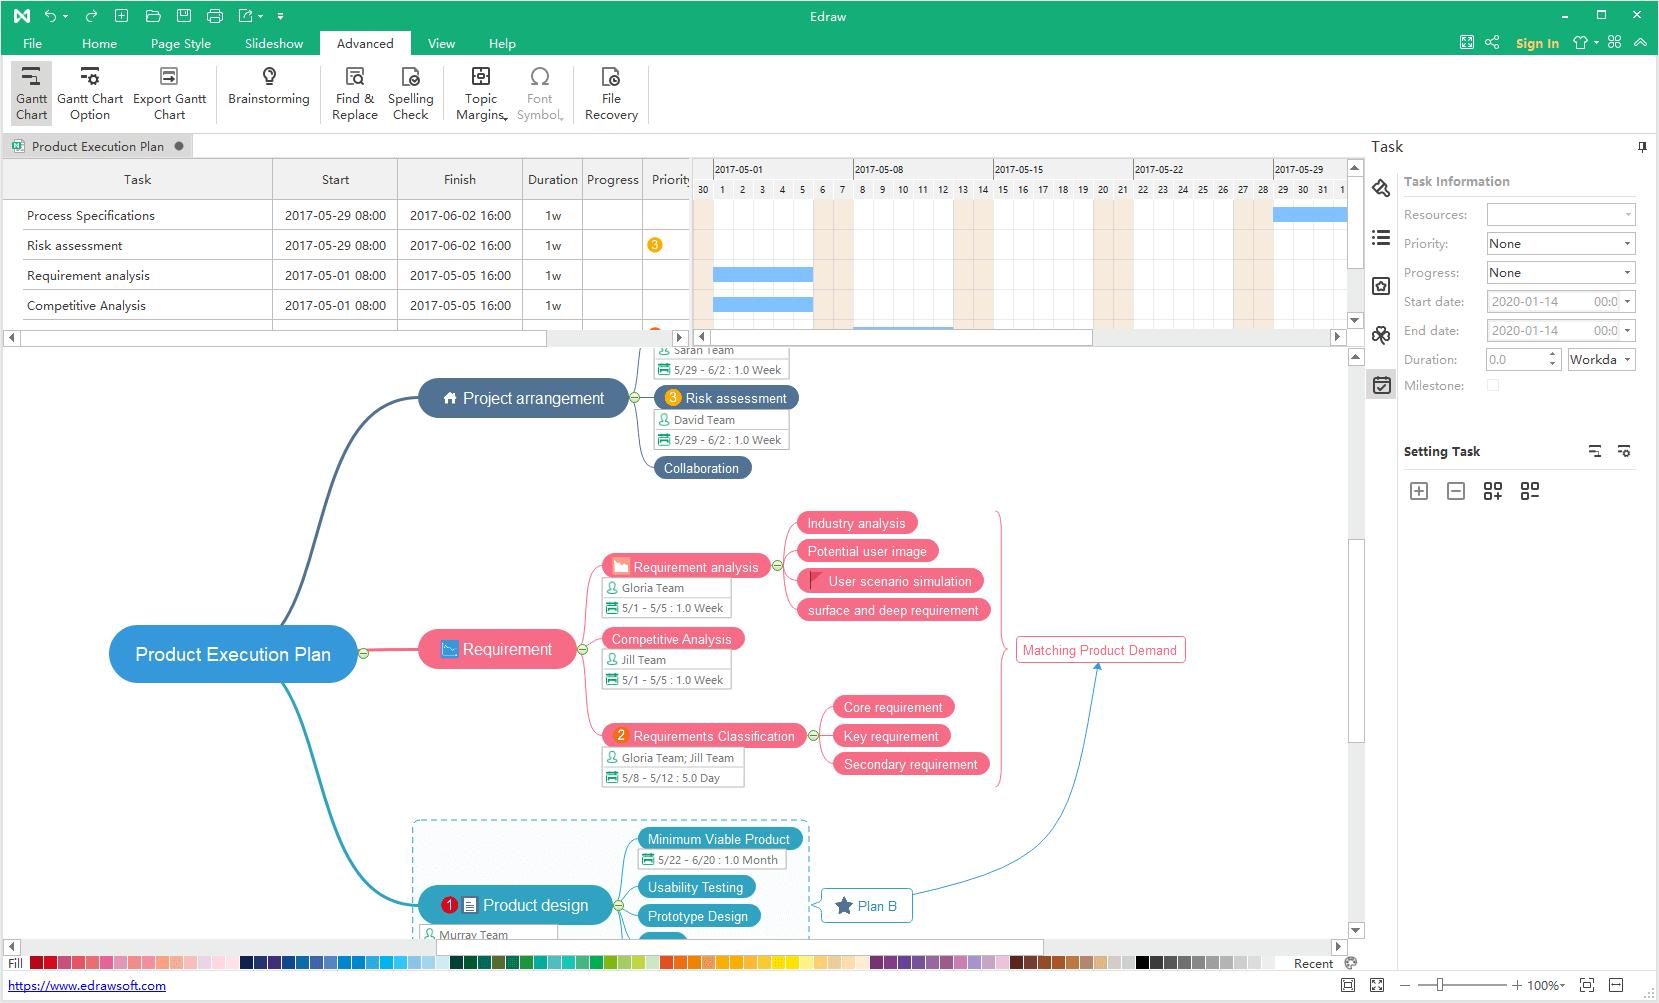 EdrawMind make gantt chart